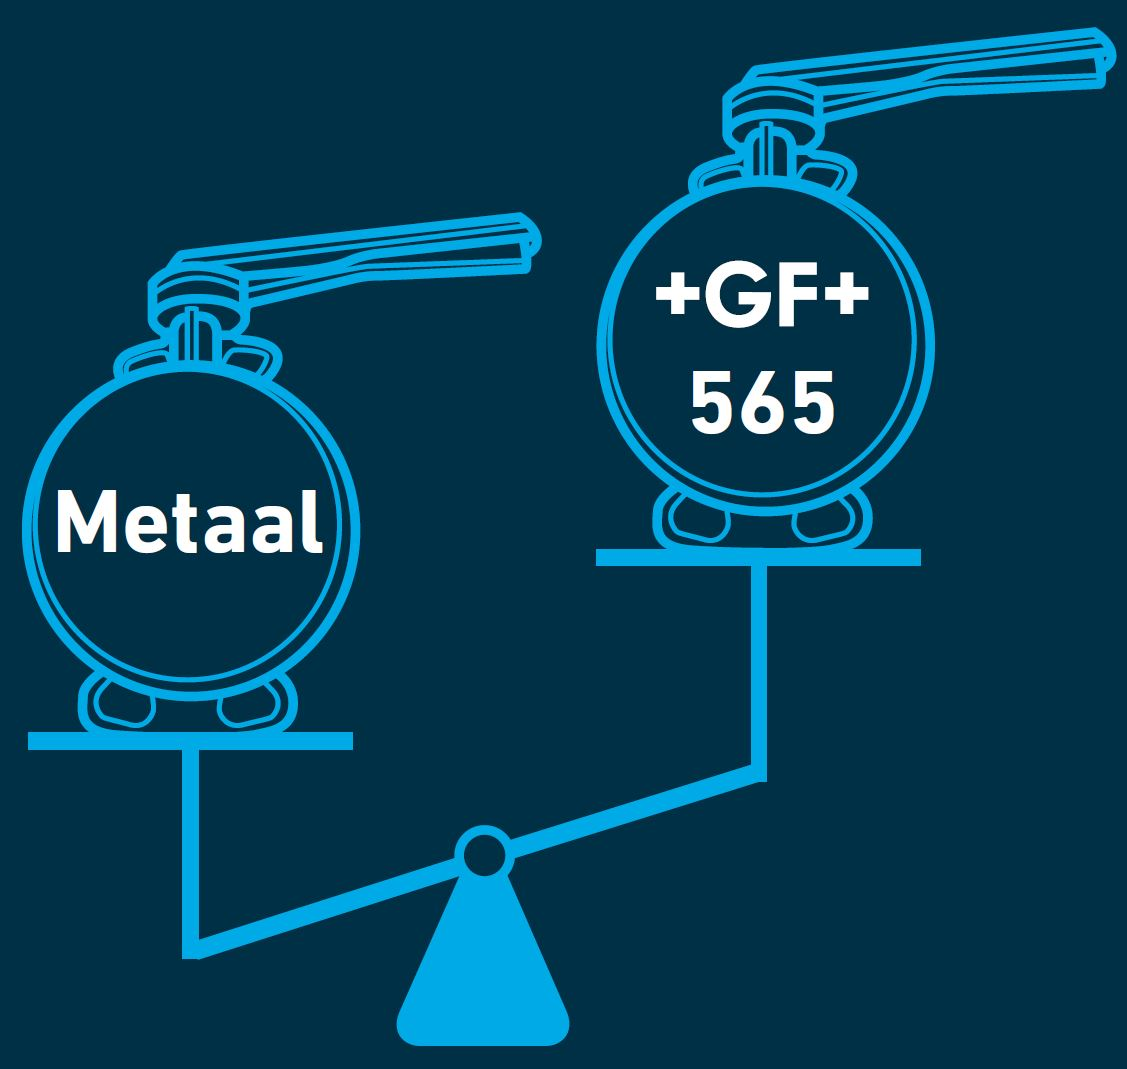 Georg Fischer vlinderklep 565 gewicht versus metaal